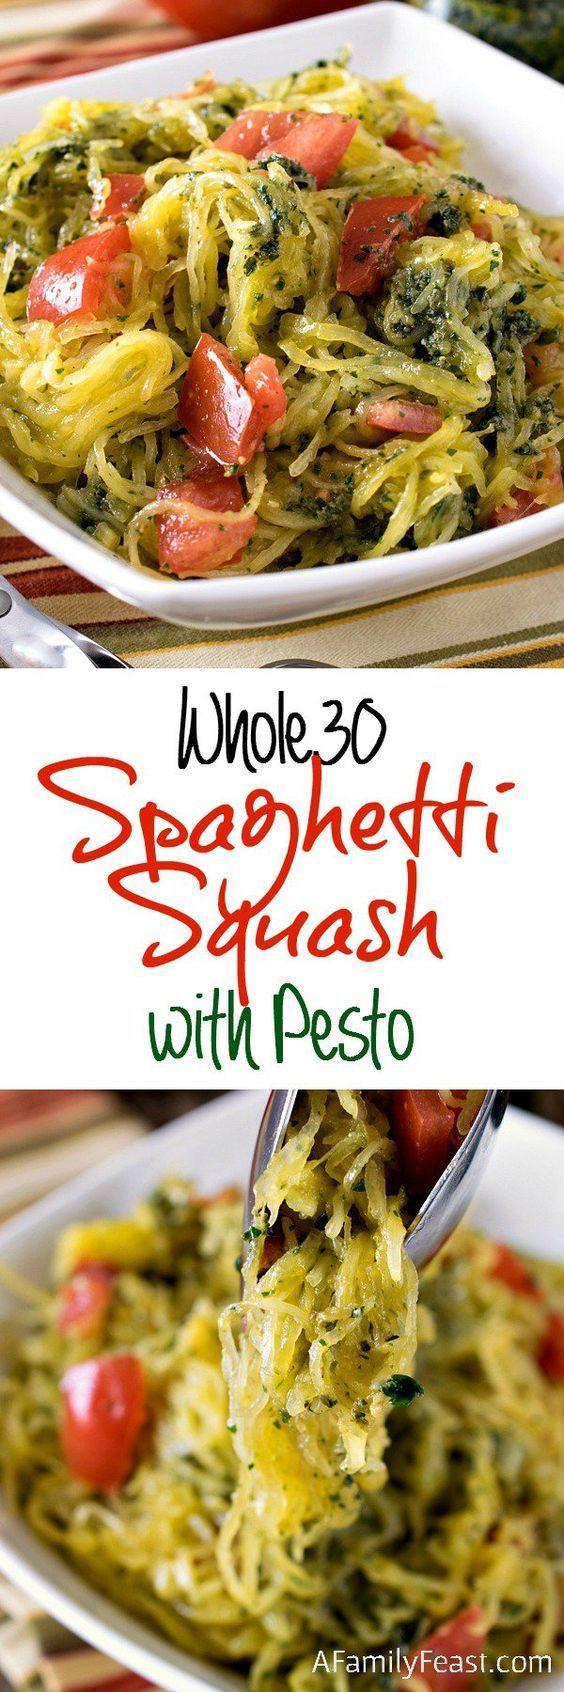 Whole30 Spaghetti Squash Recipe with Pesto